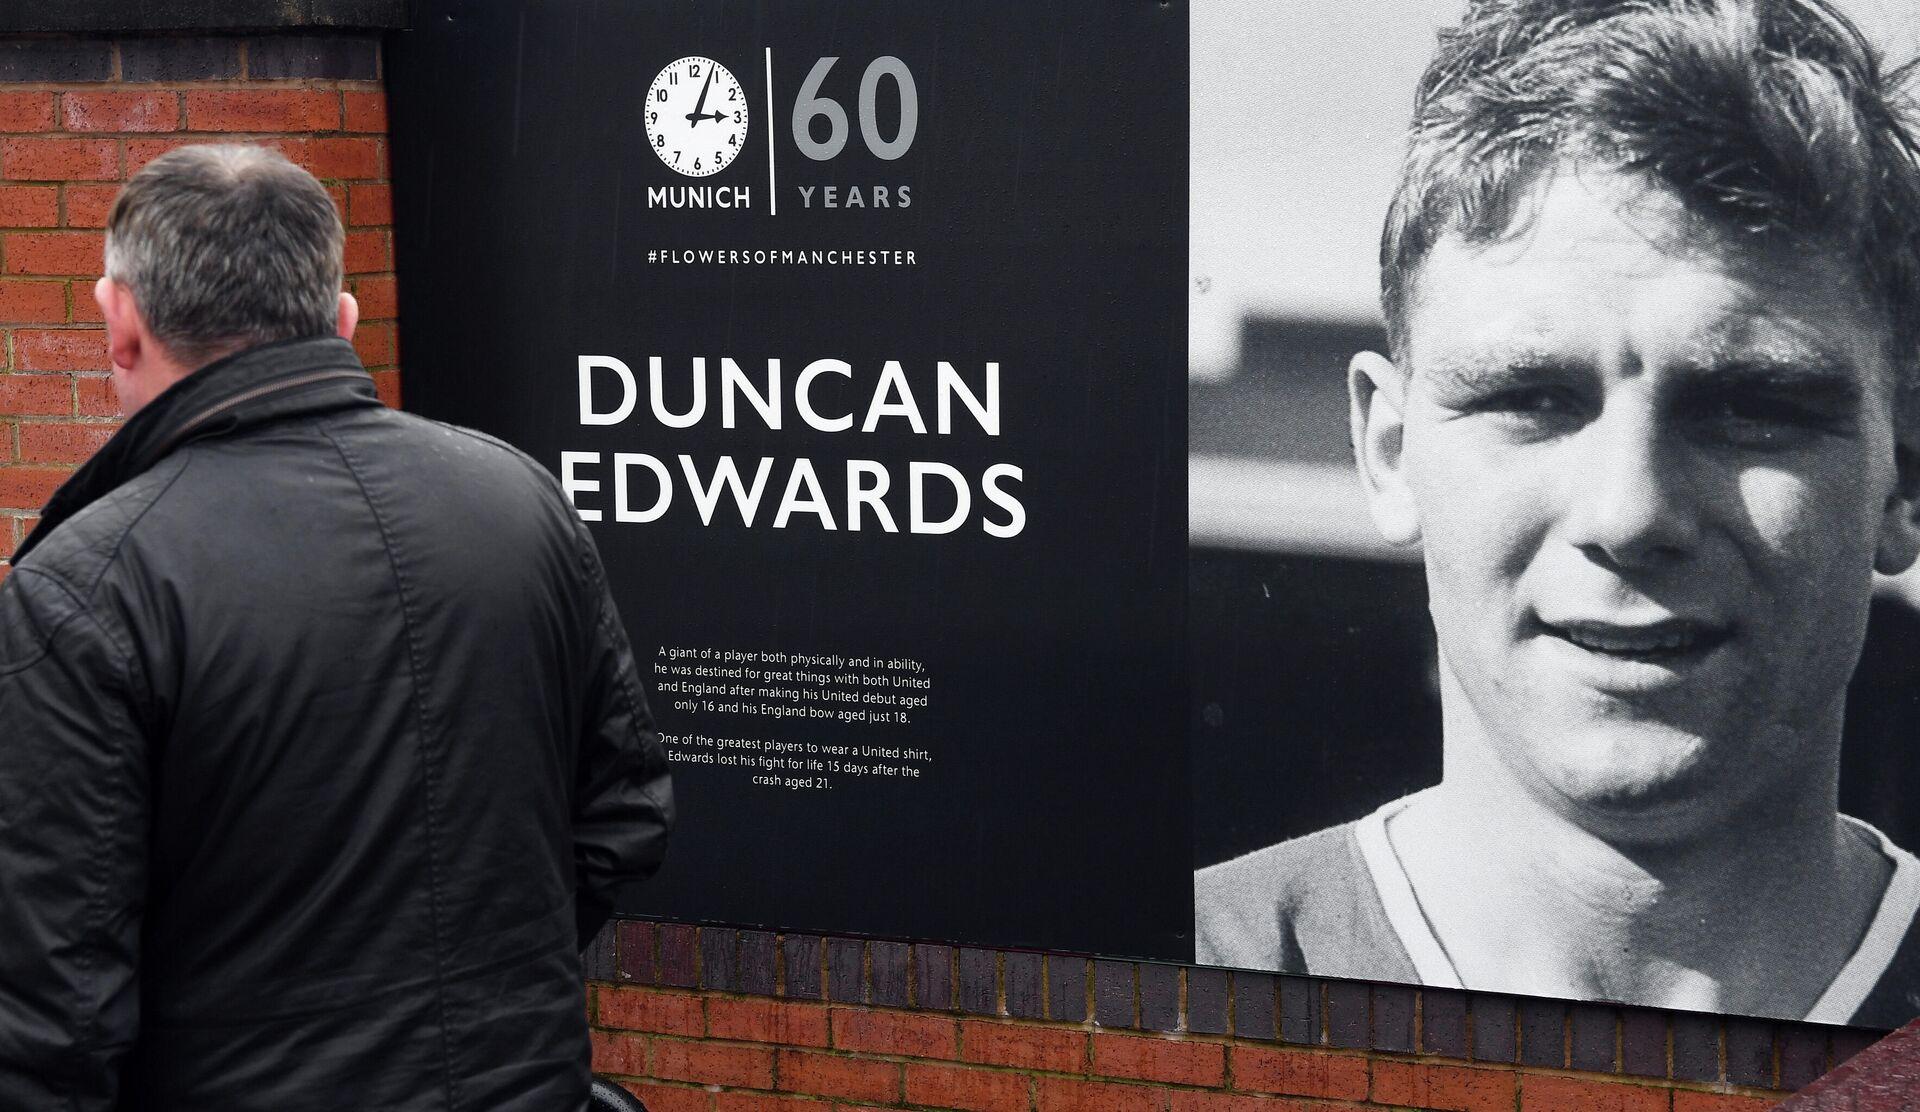 Плакат с изображением Данкана Эдвардса в день 60-й годовщины со дня трагедии с клубом Манчестер Юнайтед - РИА Новости, 1920, 06.02.2020